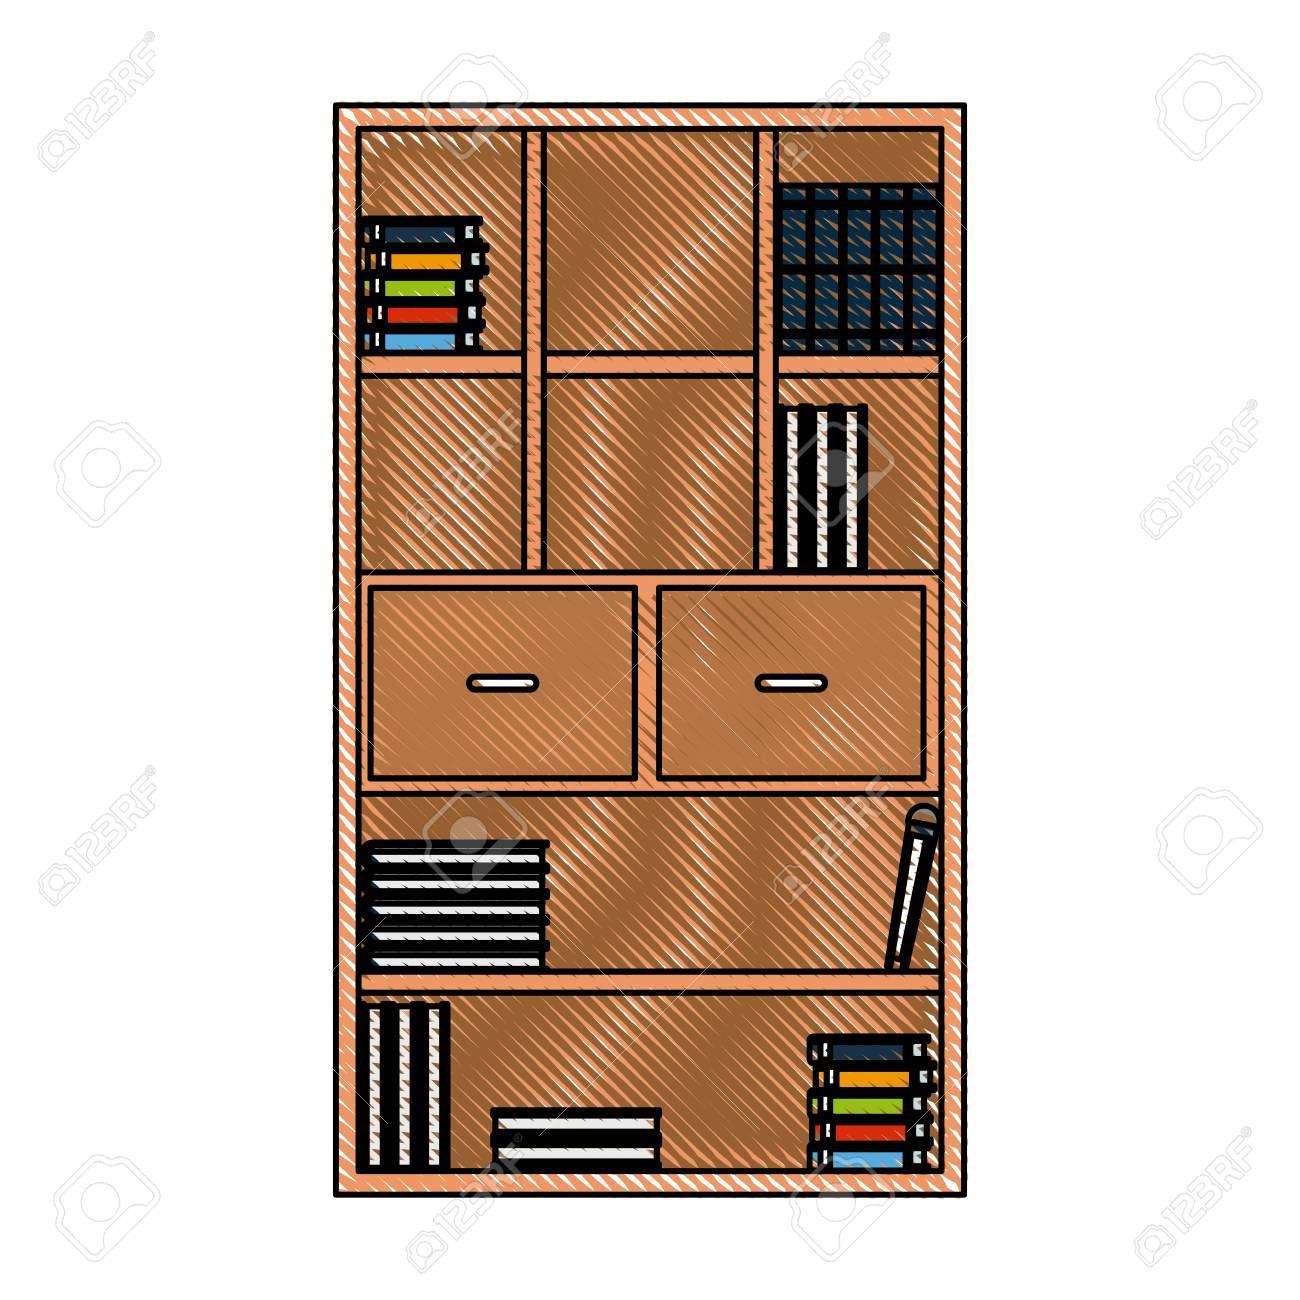 Dibujo Libreria Libros Libros Muebles Cajones Manejar Ilustracion